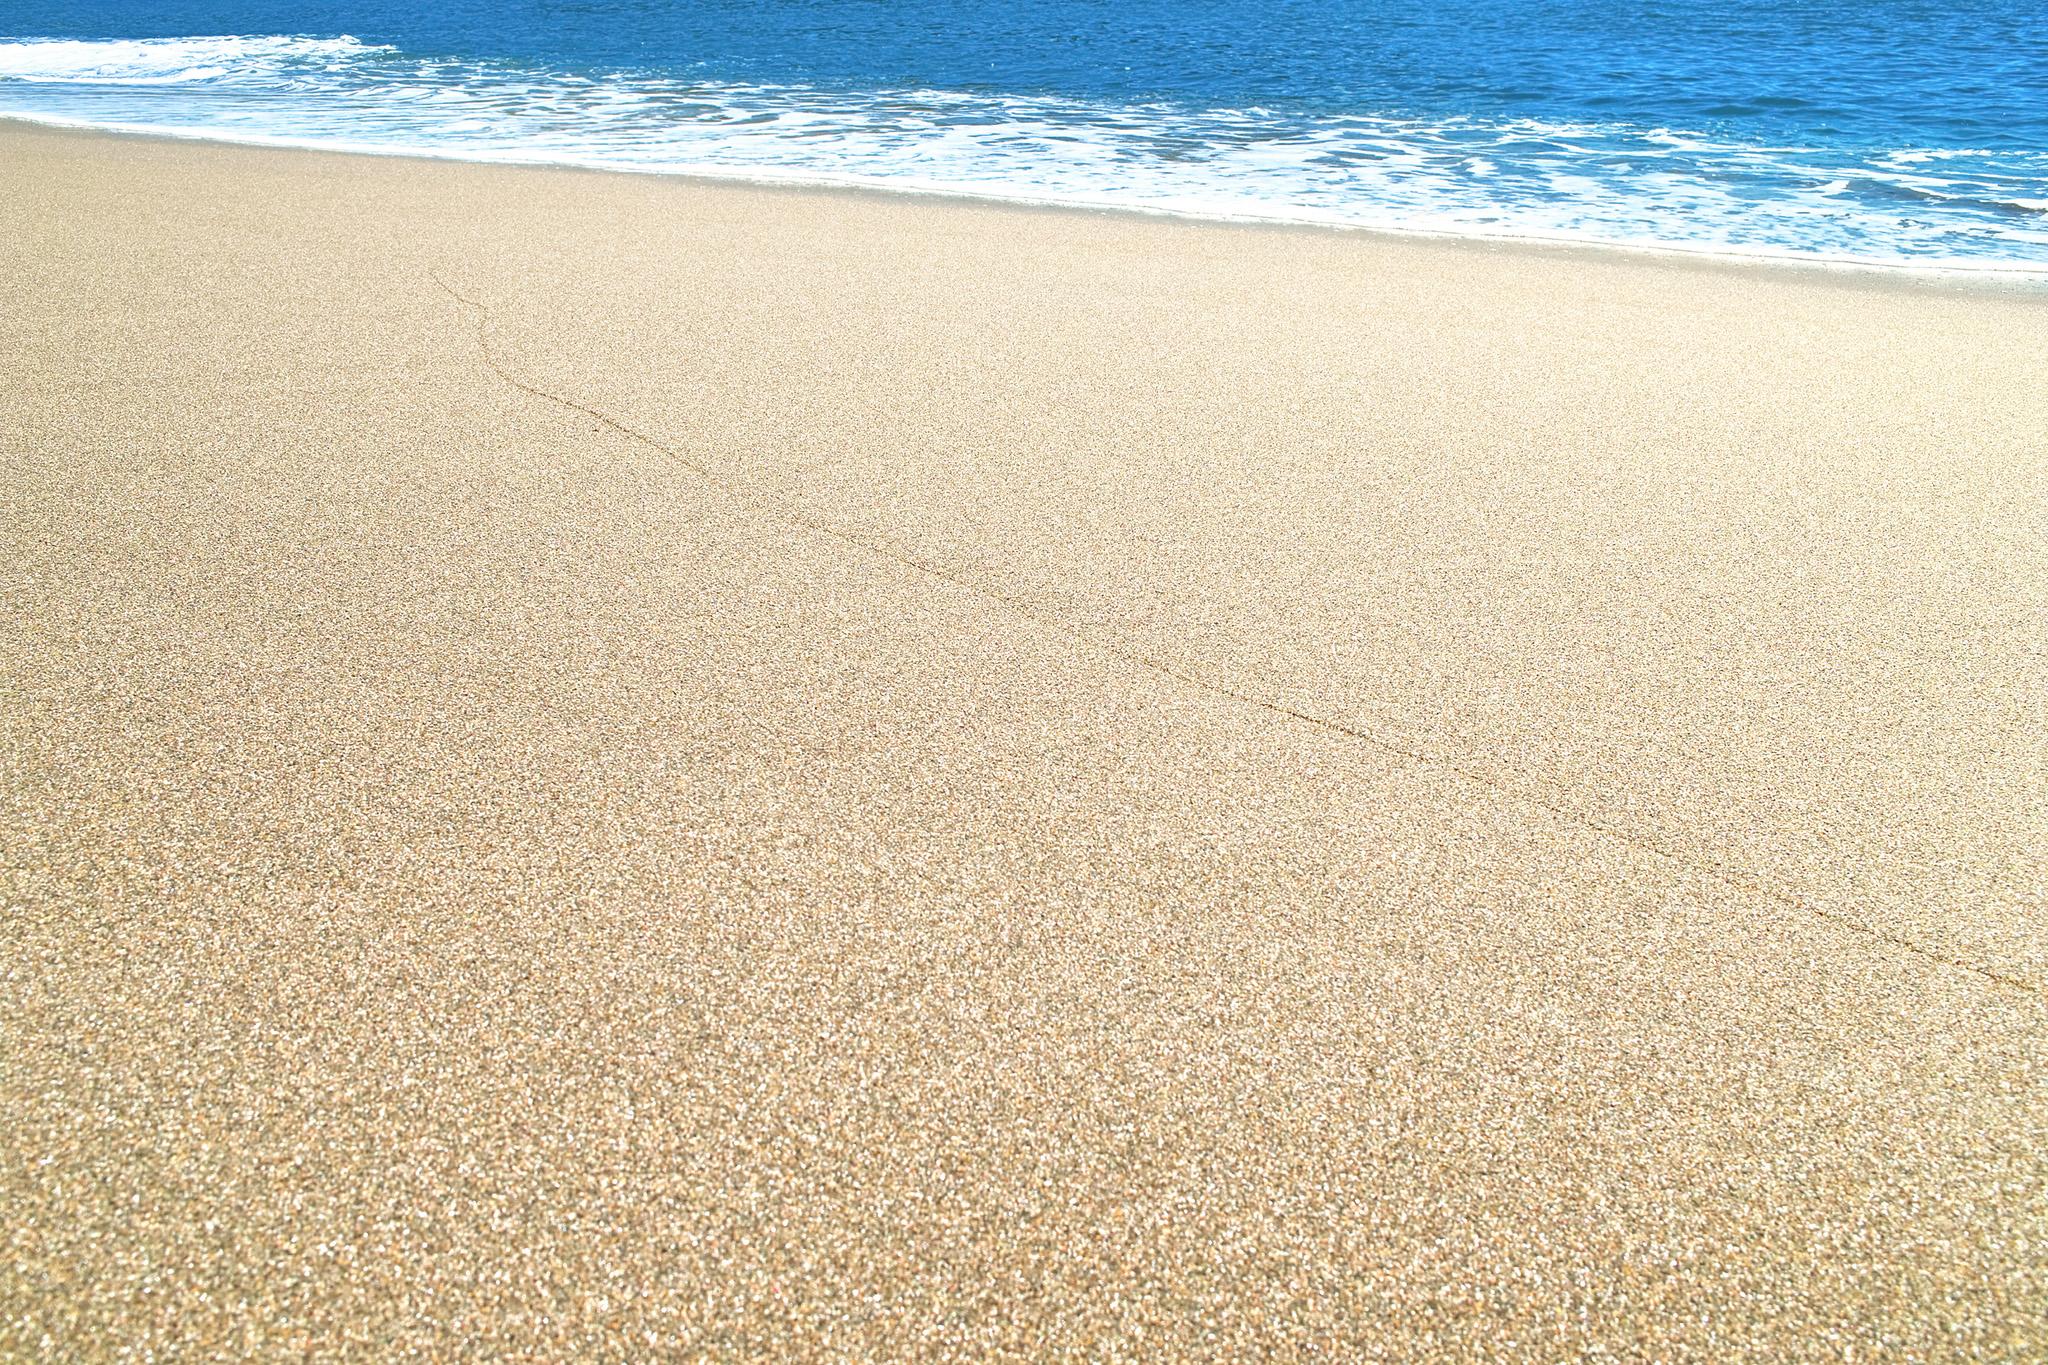 「静かな砂浜の波打際」